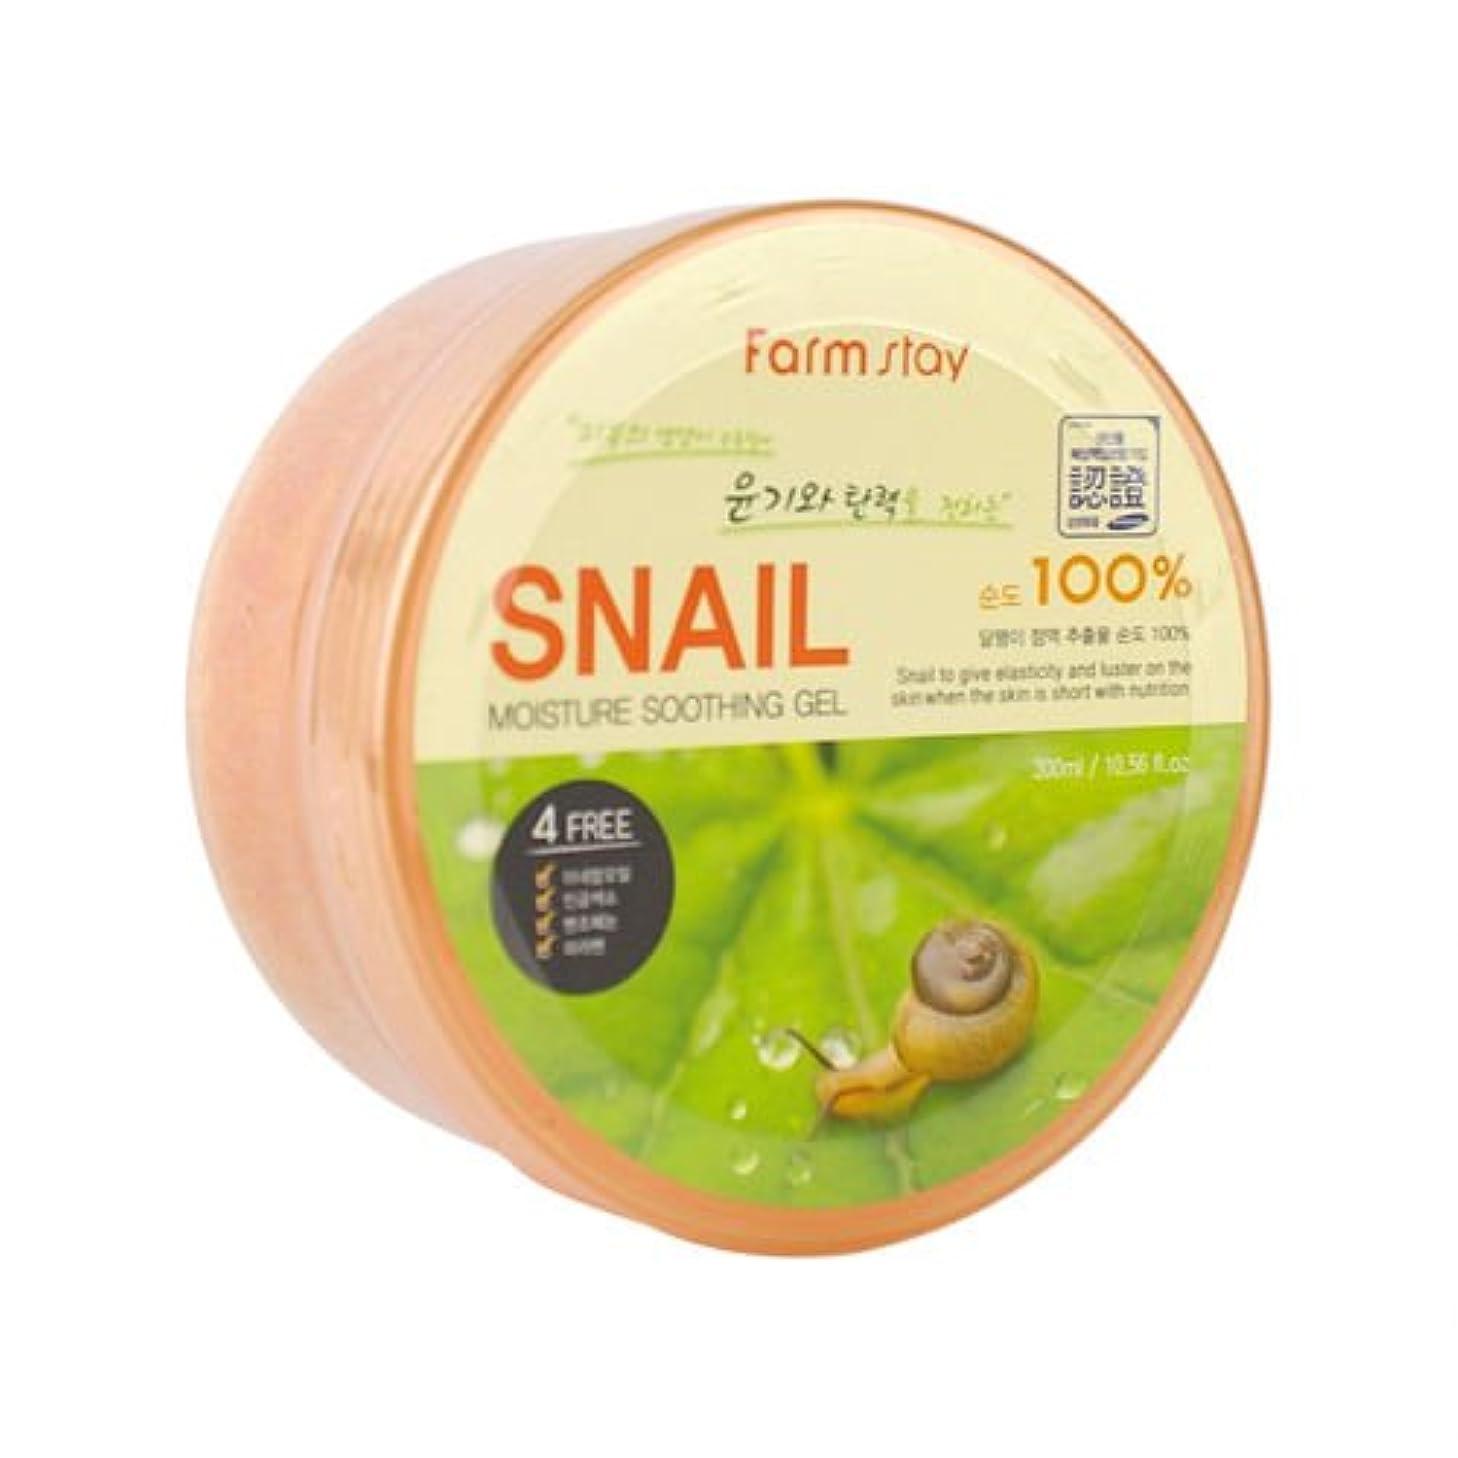 マントル主婦多用途Farm Stay Snail Moisture Soothing Gel 300ml /Snail extract 100%/Skin Glowing & Elasticity Up [並行輸入品]